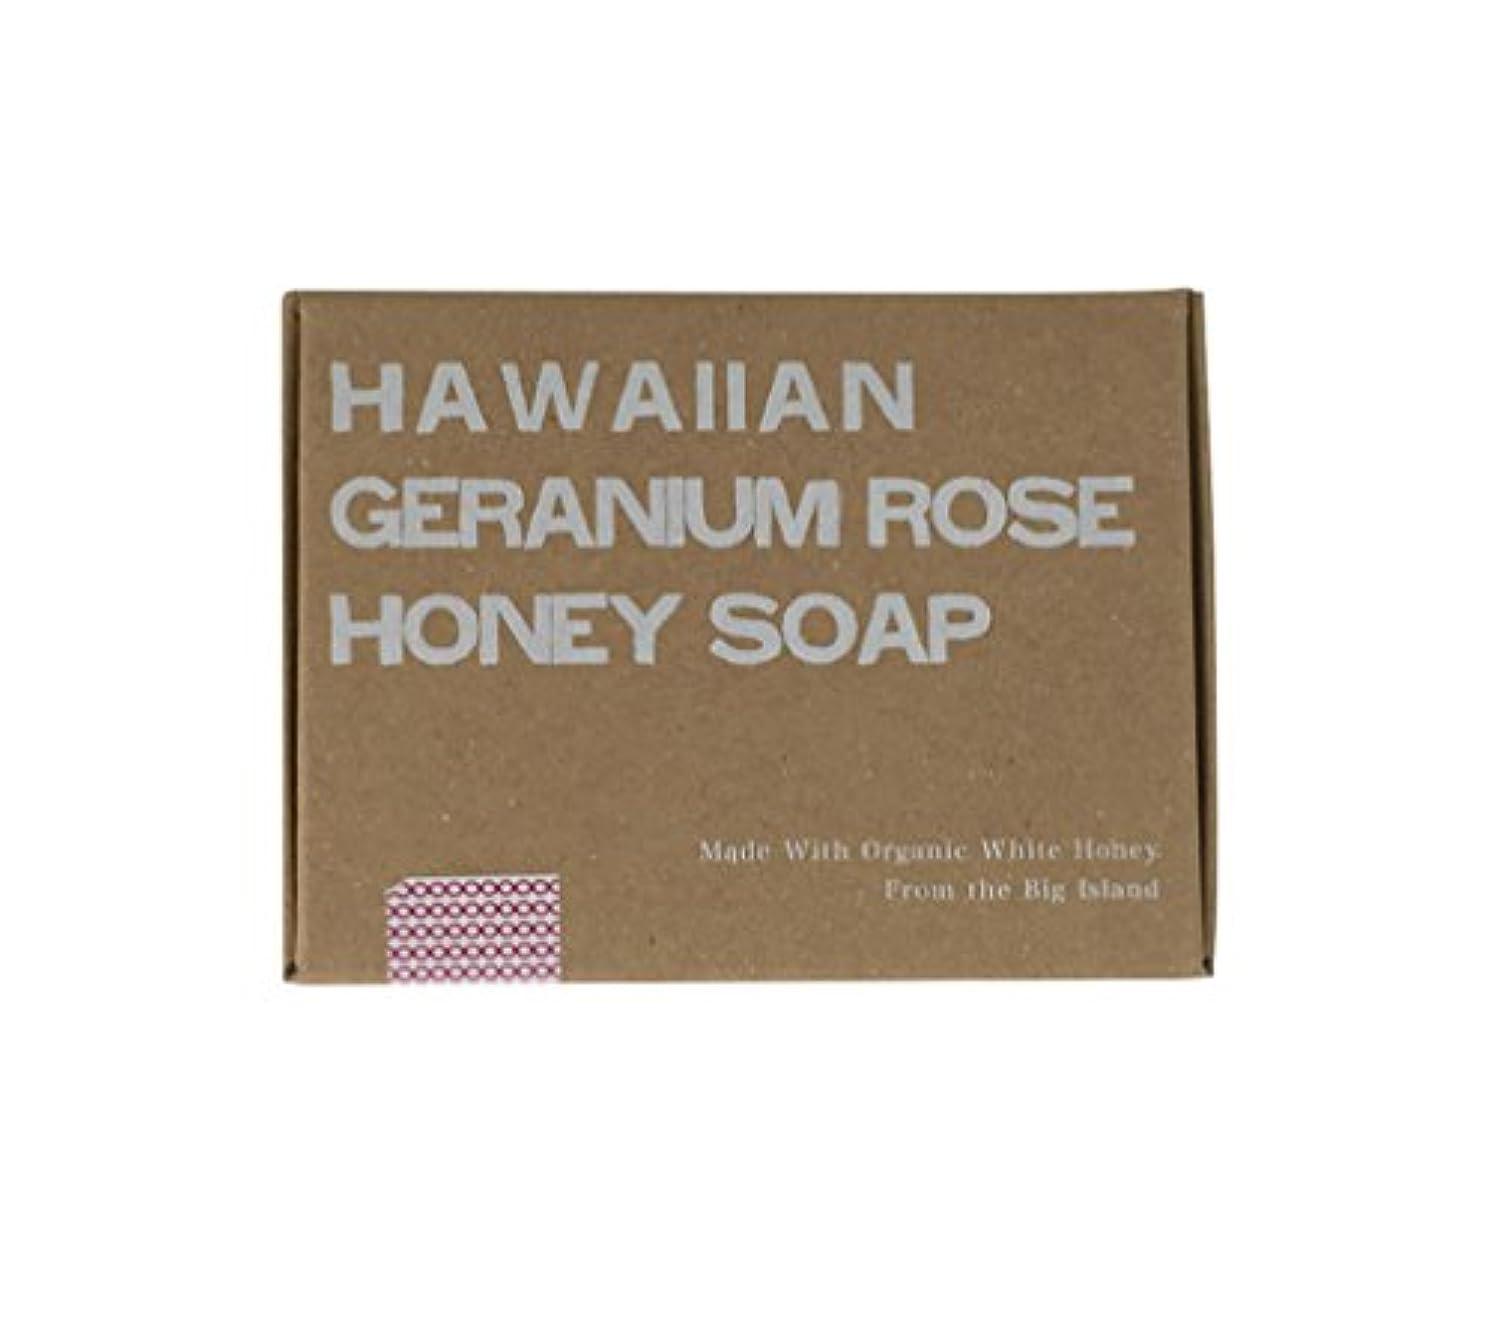 セーブバングラデシュじゃないホワイトハニーオーガニクス ハワイアン?ゼラニウムローズ?ハニーソープ (Hawaiian Geranium Rose Honey Soap)